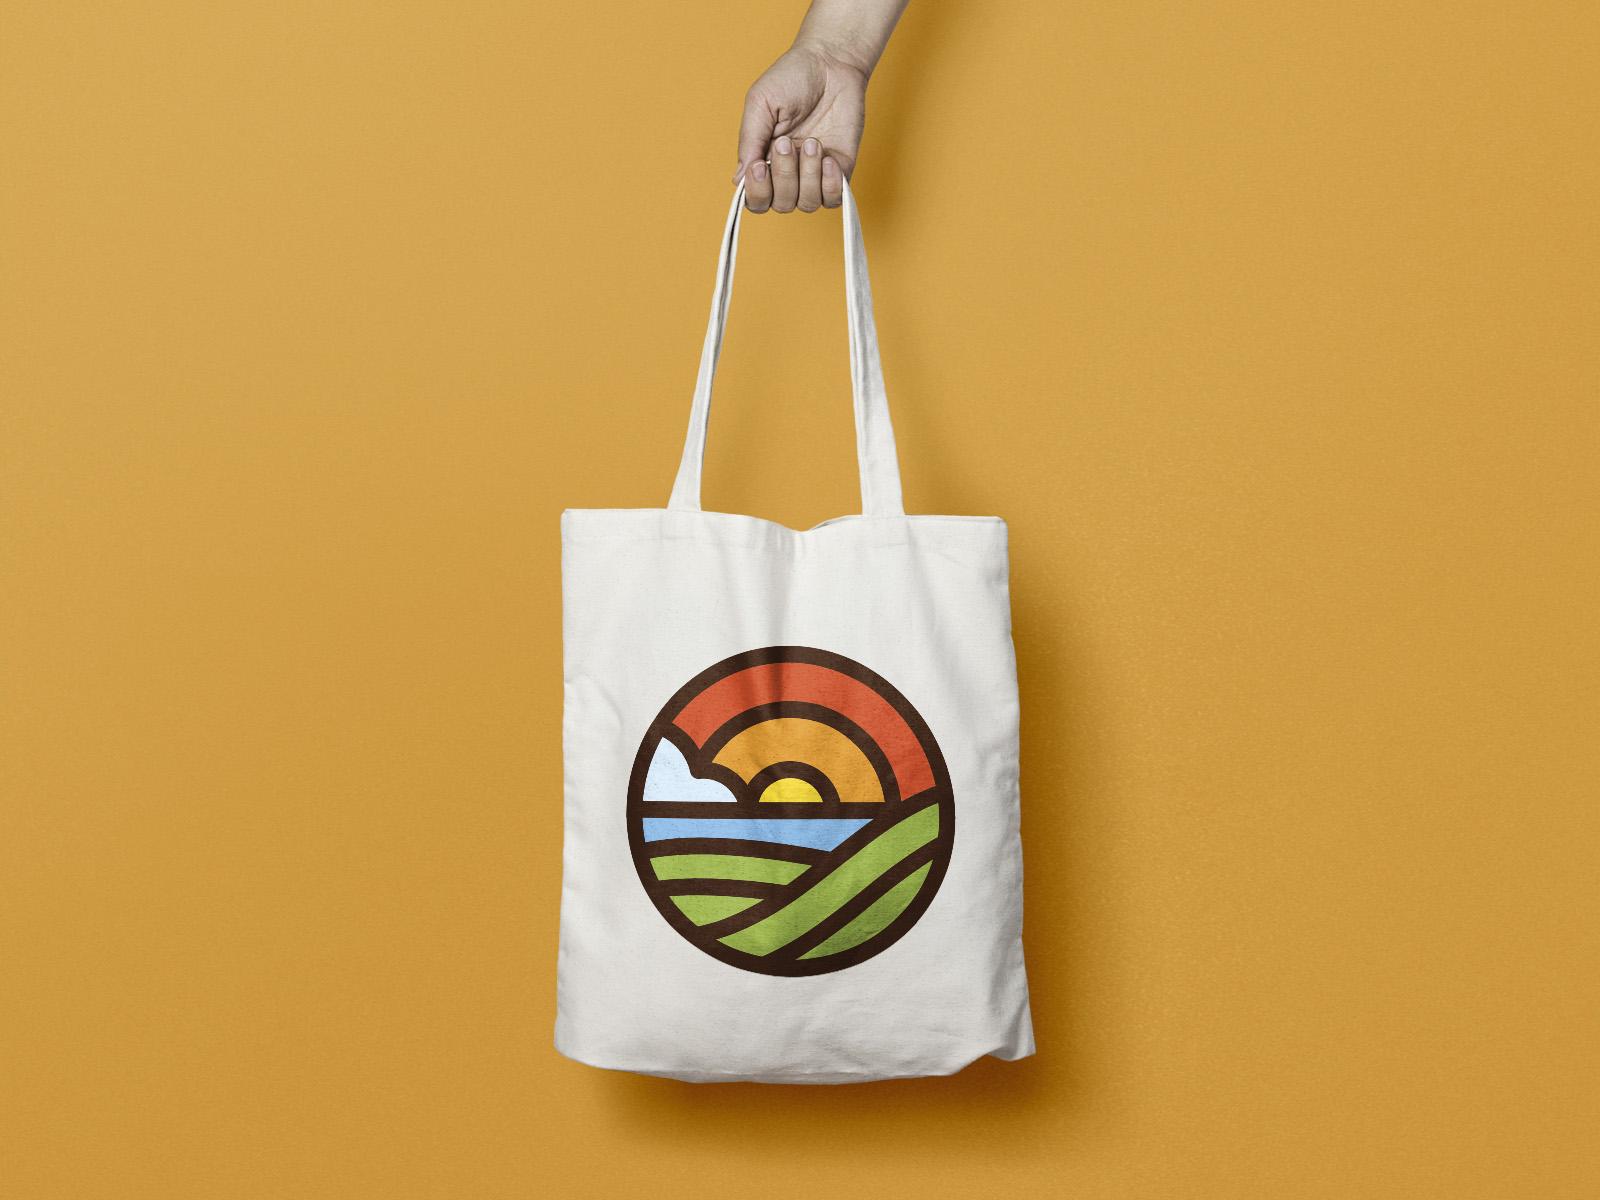 L'Hort d'Aigua-Oliva,, diseño de logo, marca, identidad corporativa, Diseño de bolsa con logotipo corporativa de algodón ecológico